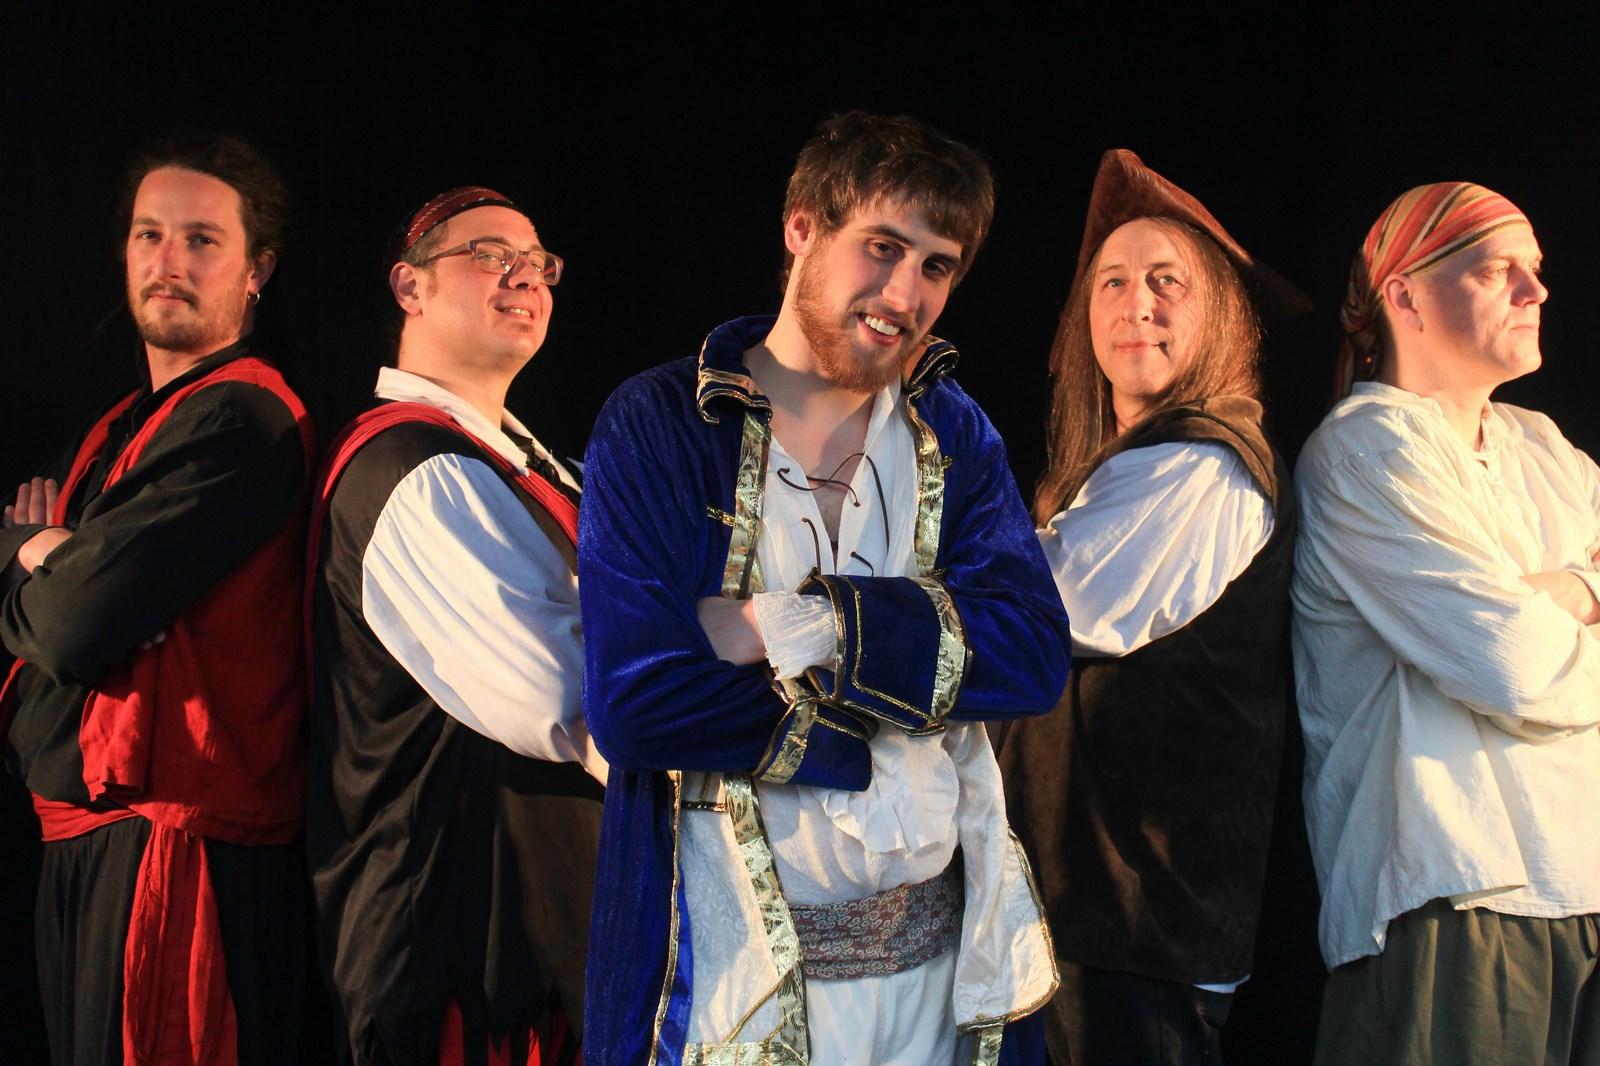 Le Boucanier, le Mousse, le Forban, le Flibustier et le Passager Clandestin, prêts pour une nouvelle tournée et de nombreuses bourrées!